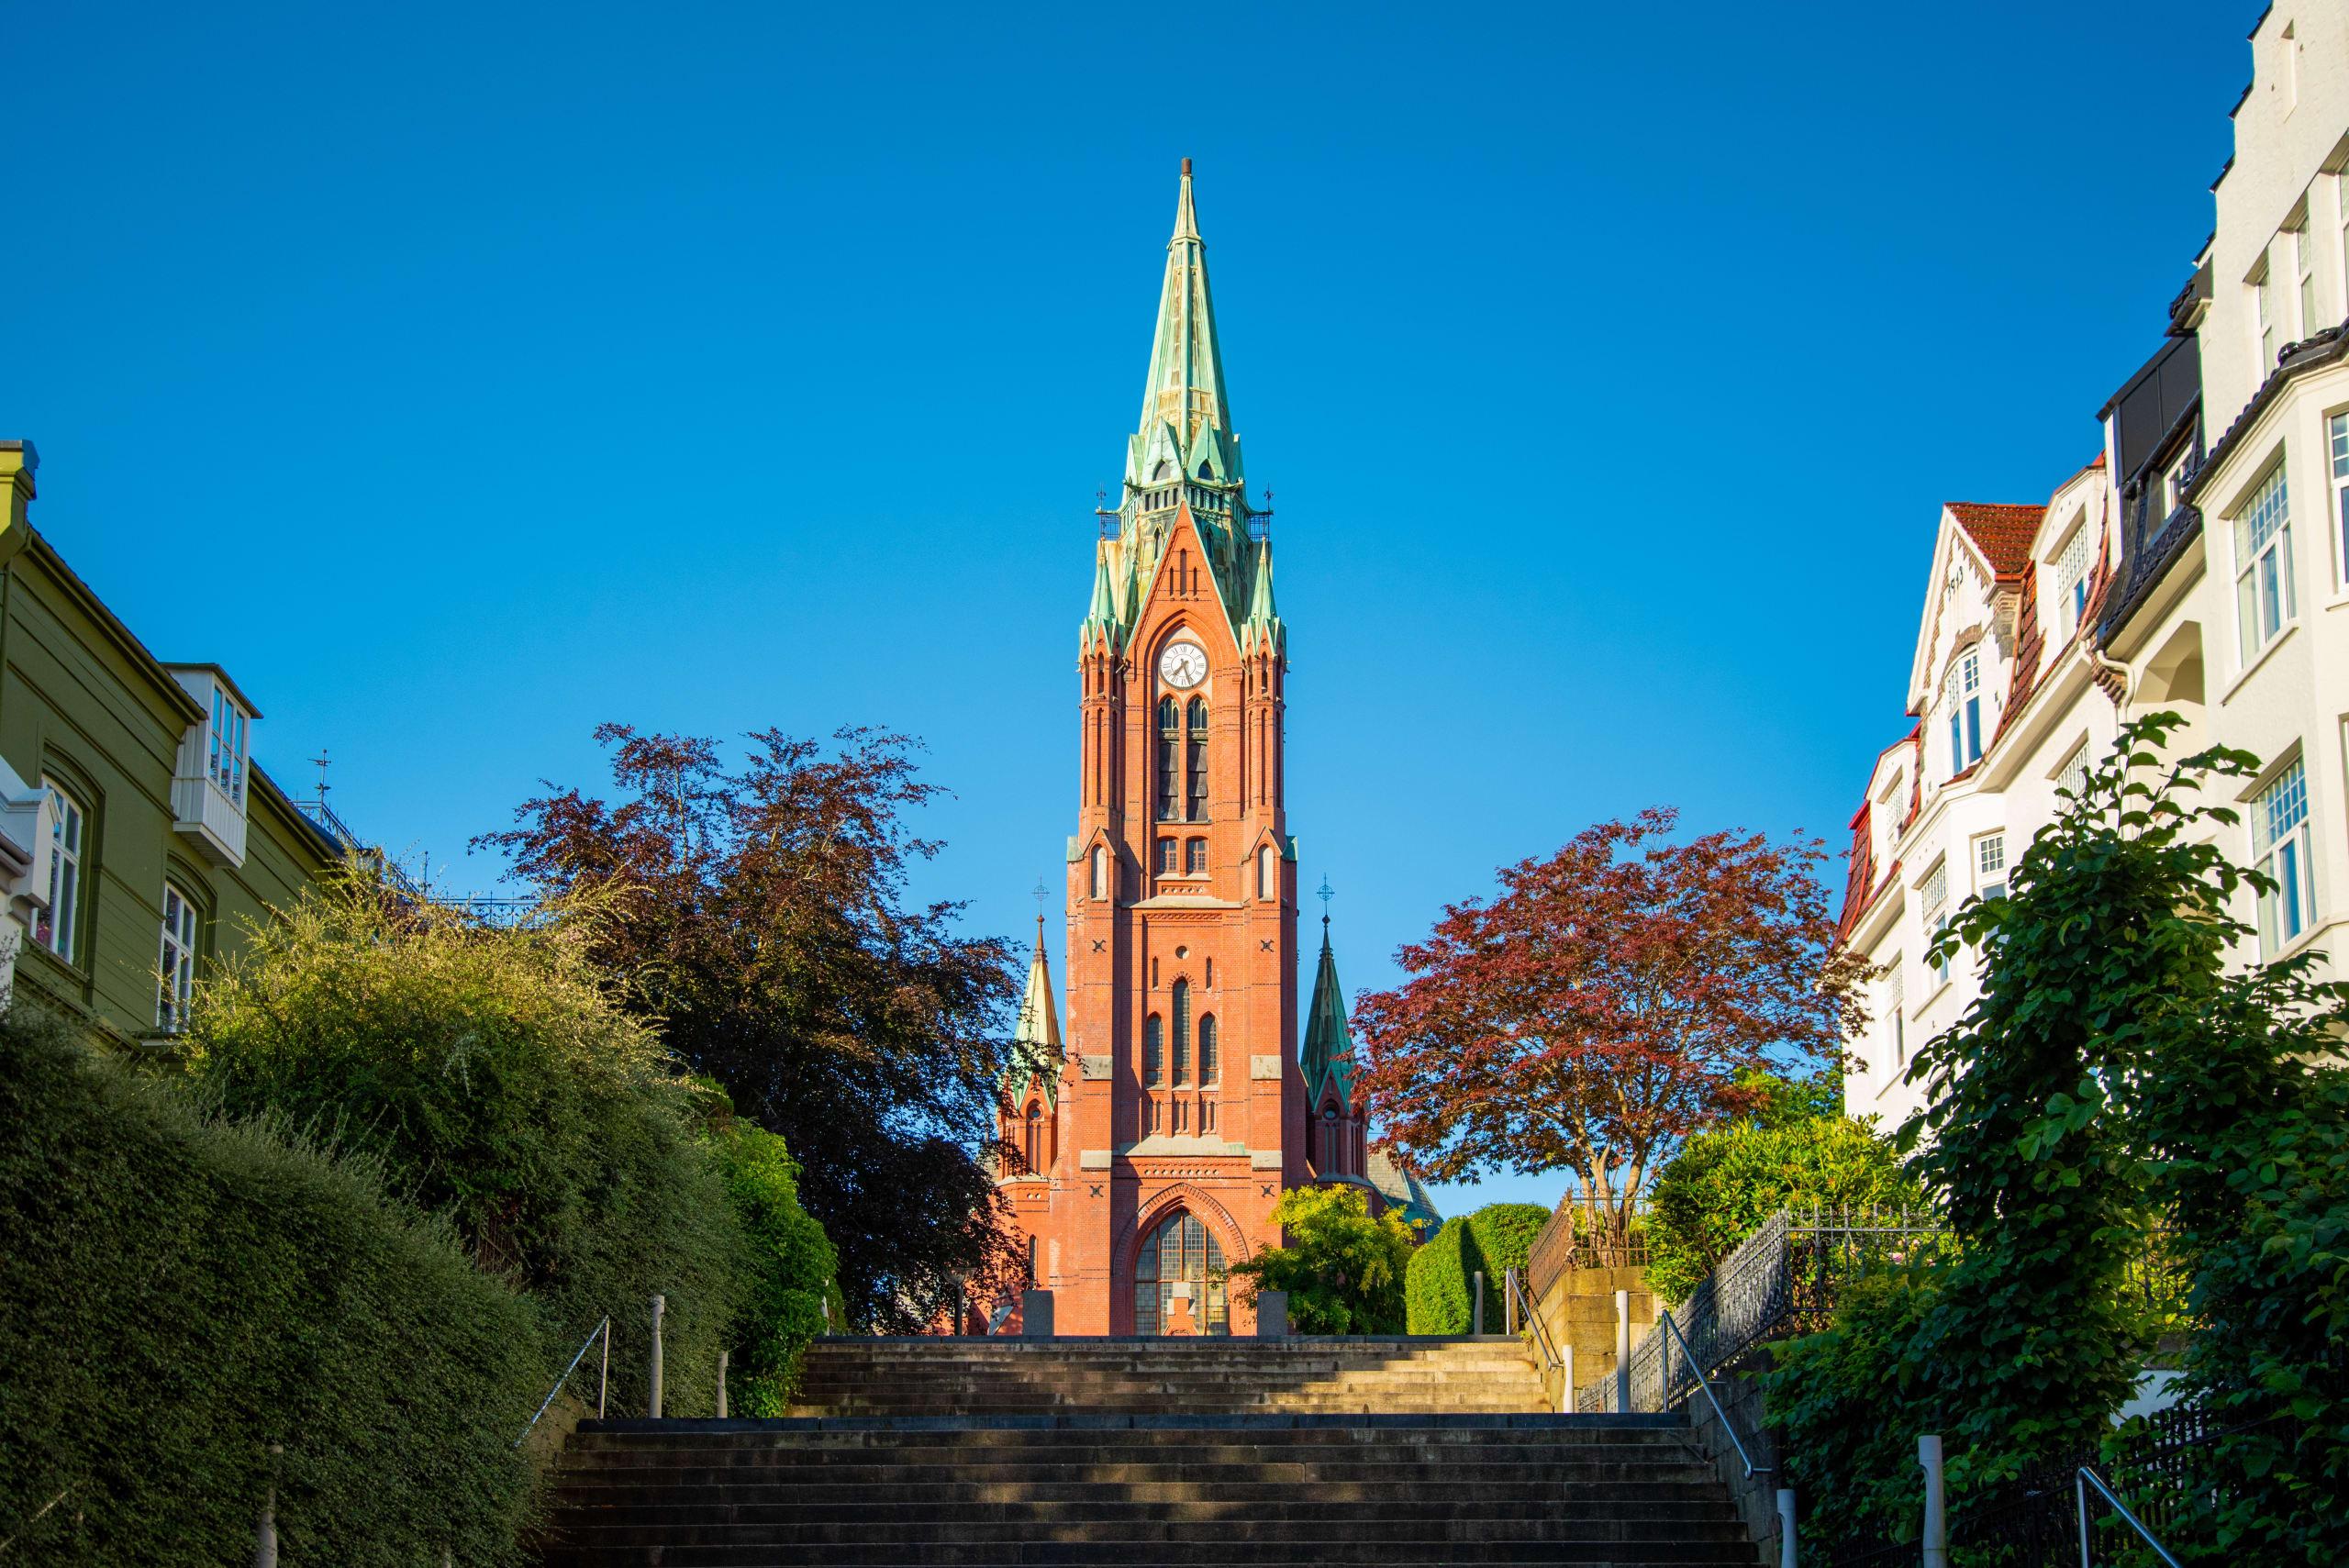 St. John's church in Bergen